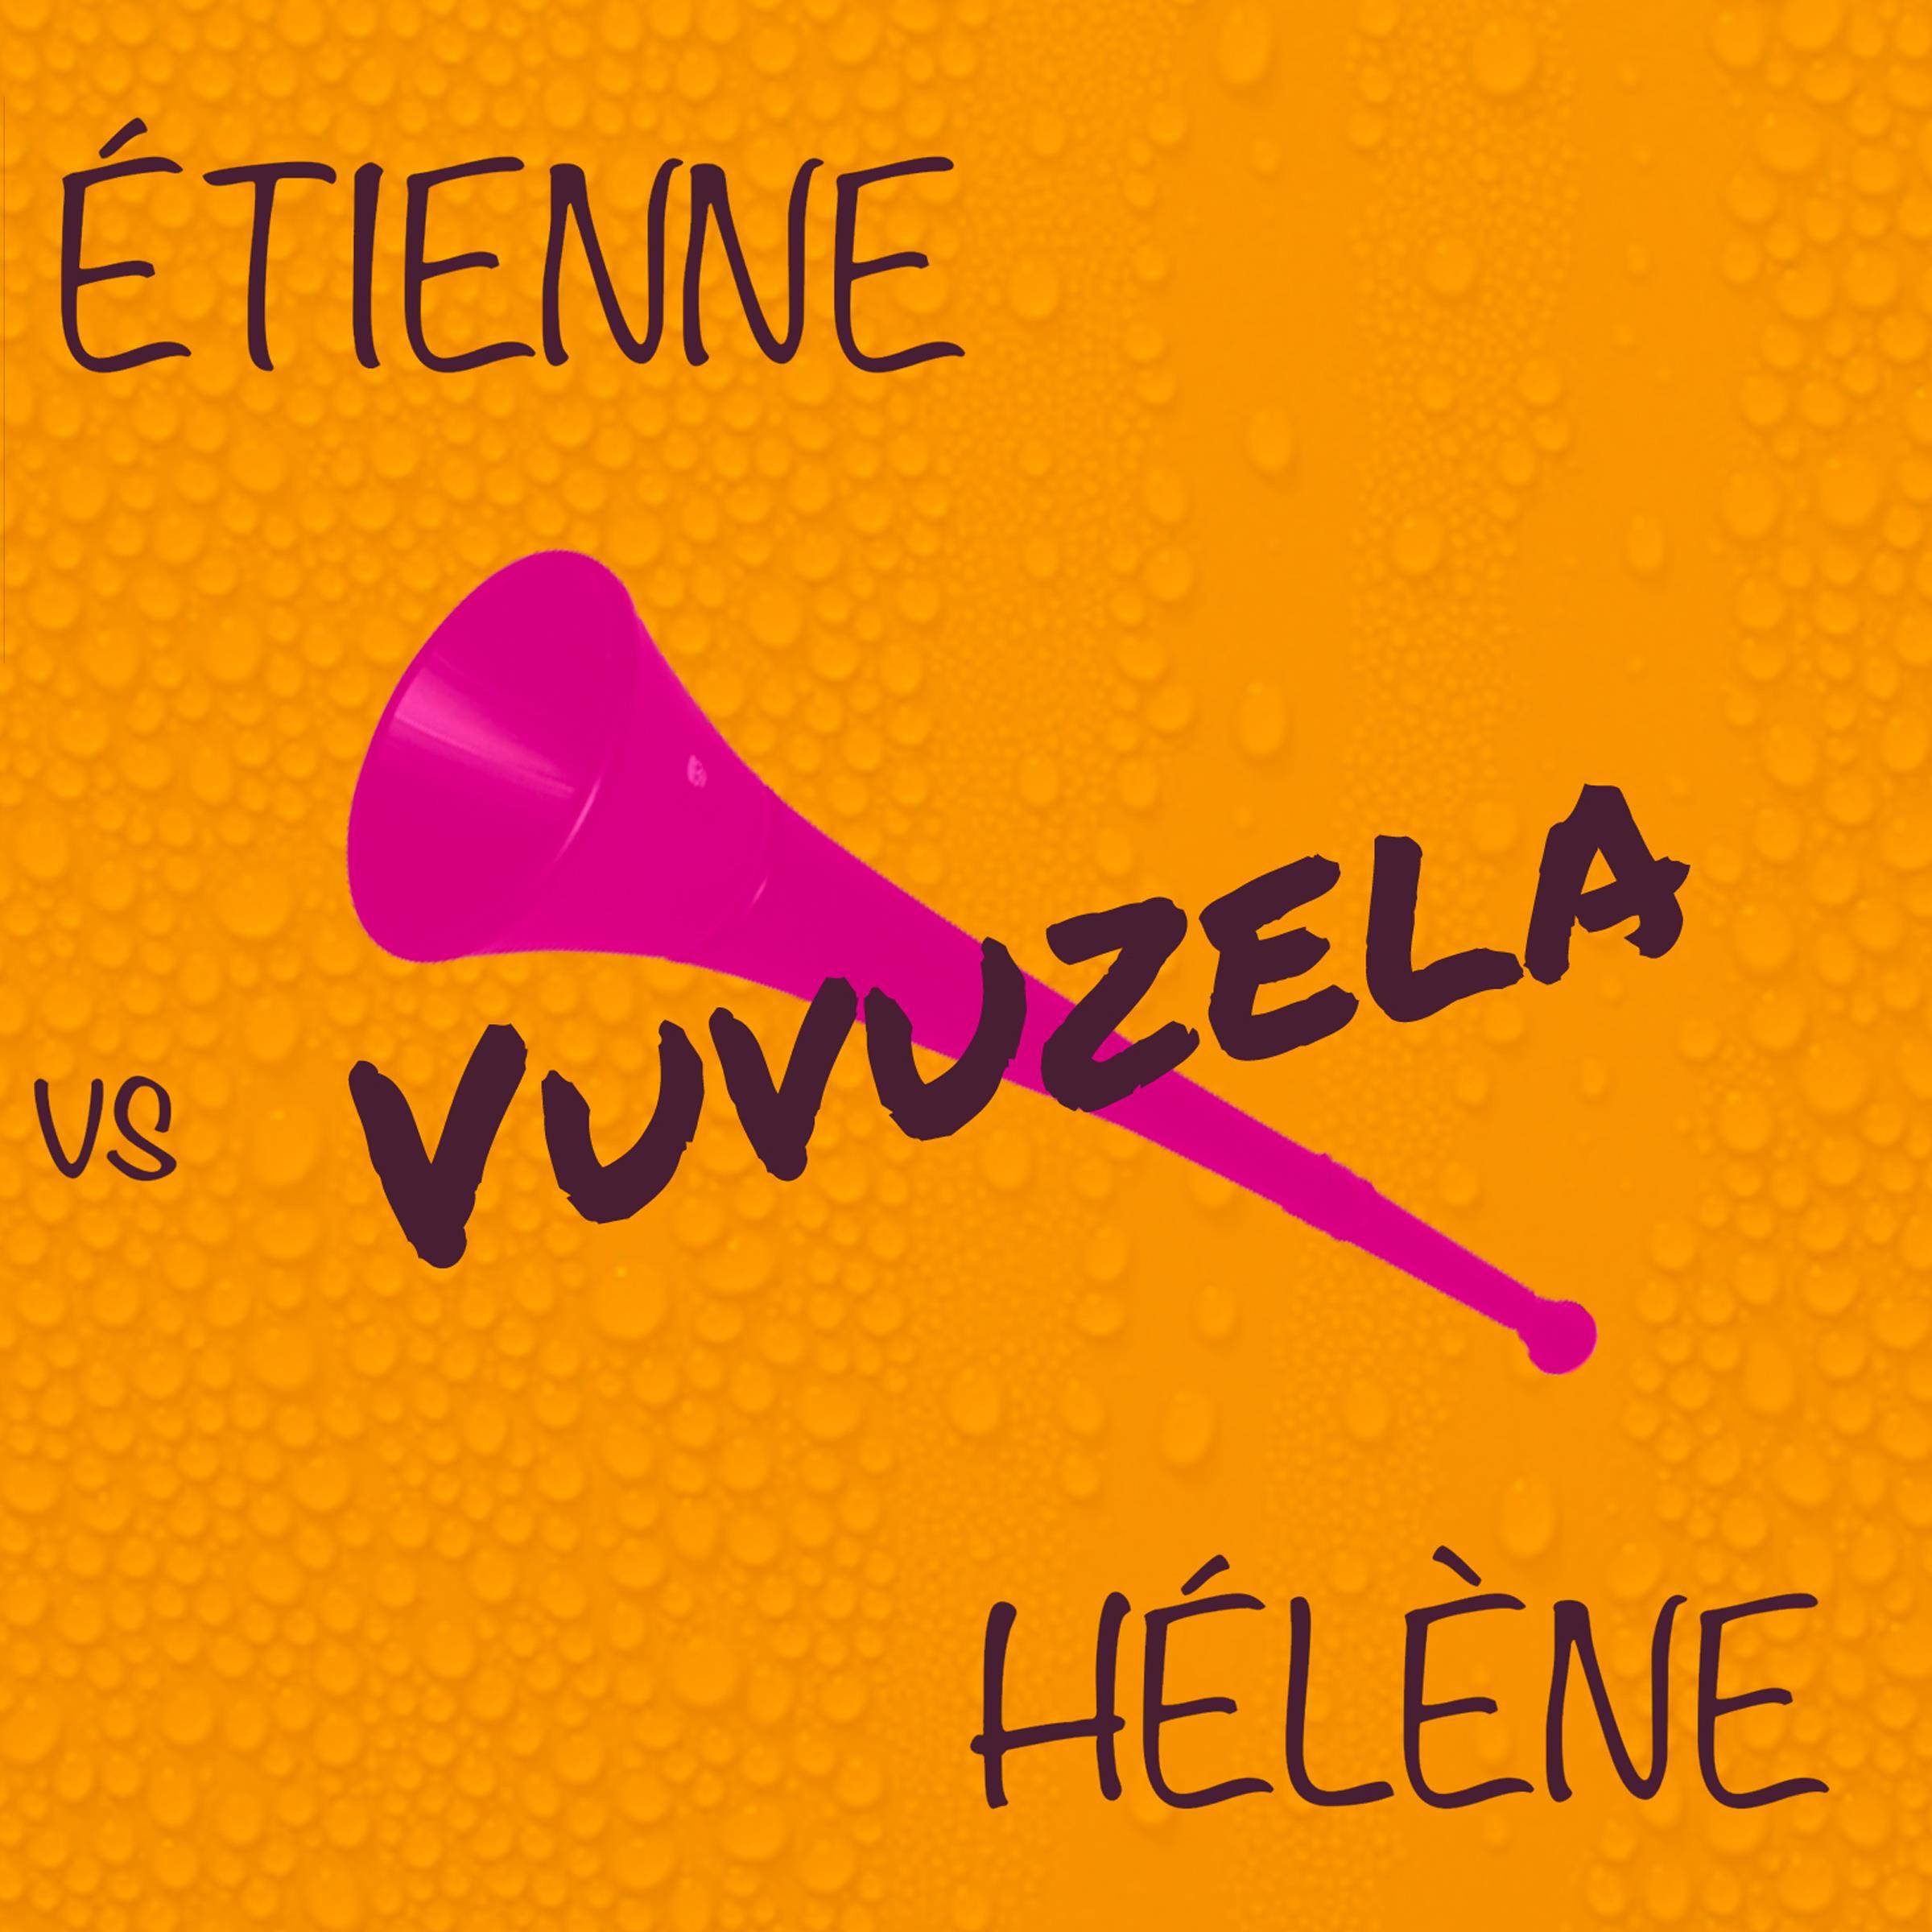 Vuvuzela (Ateljee Vs Hélène Deep Mix)